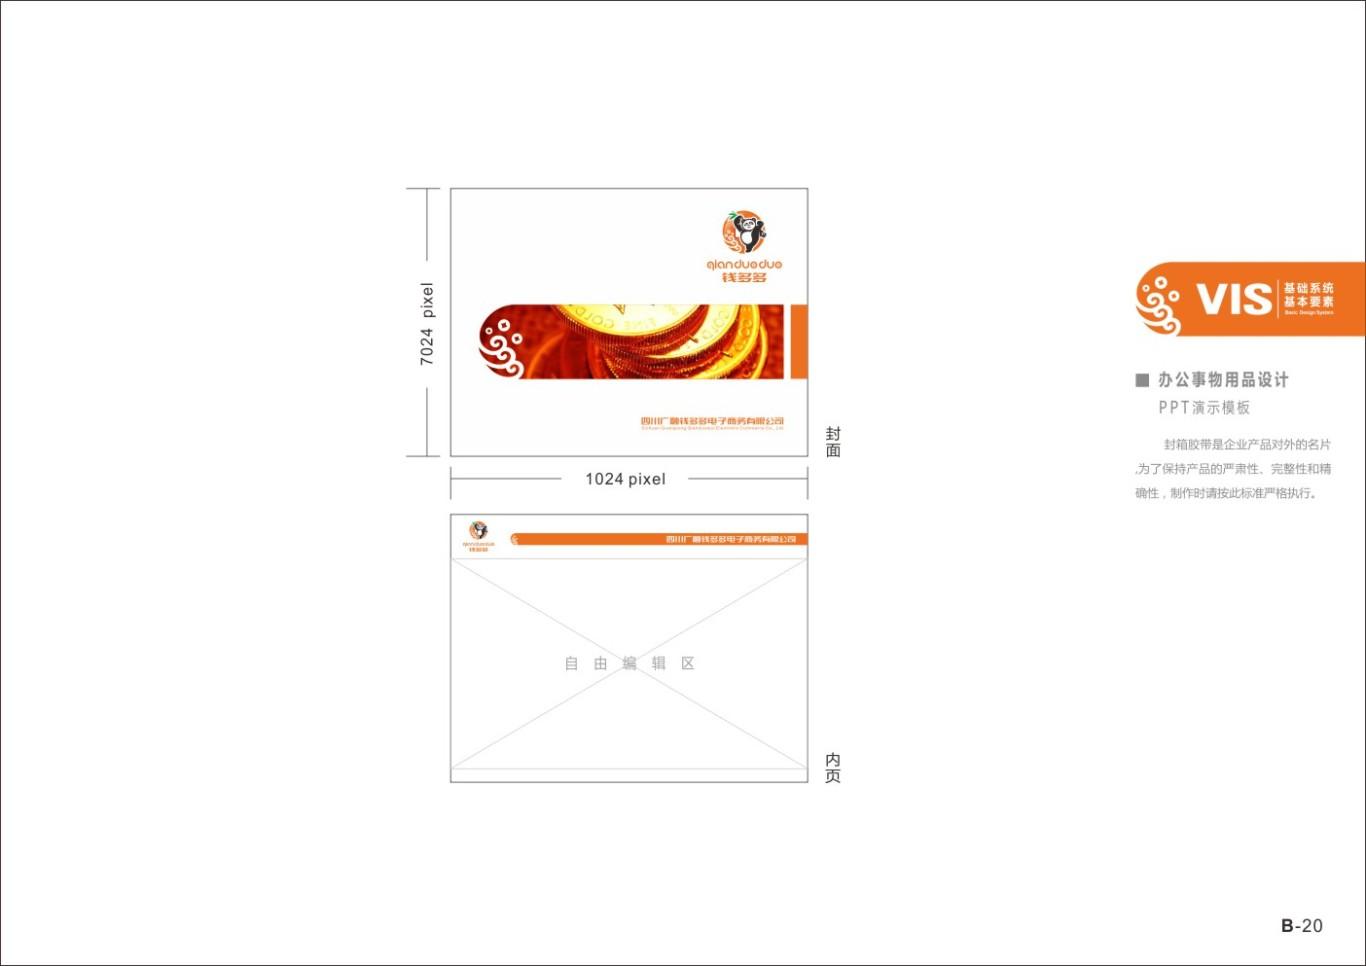 四川广融钱多多品牌及VI形象设计图36